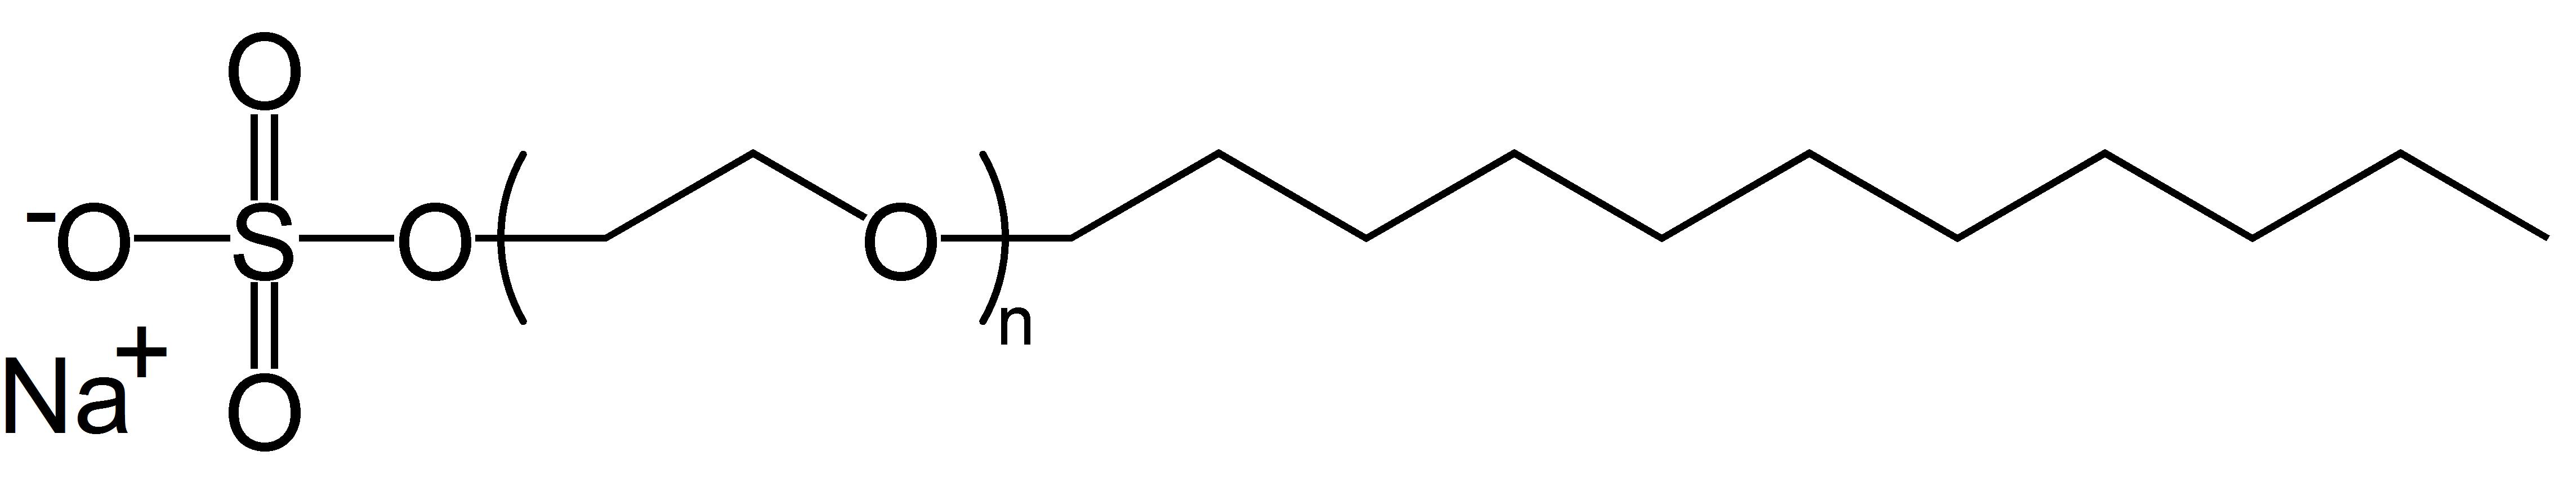 Lauril Éter Sulfato de Sódio, um surfactante de cadeia longa e simples. Portanto, biodegradável.